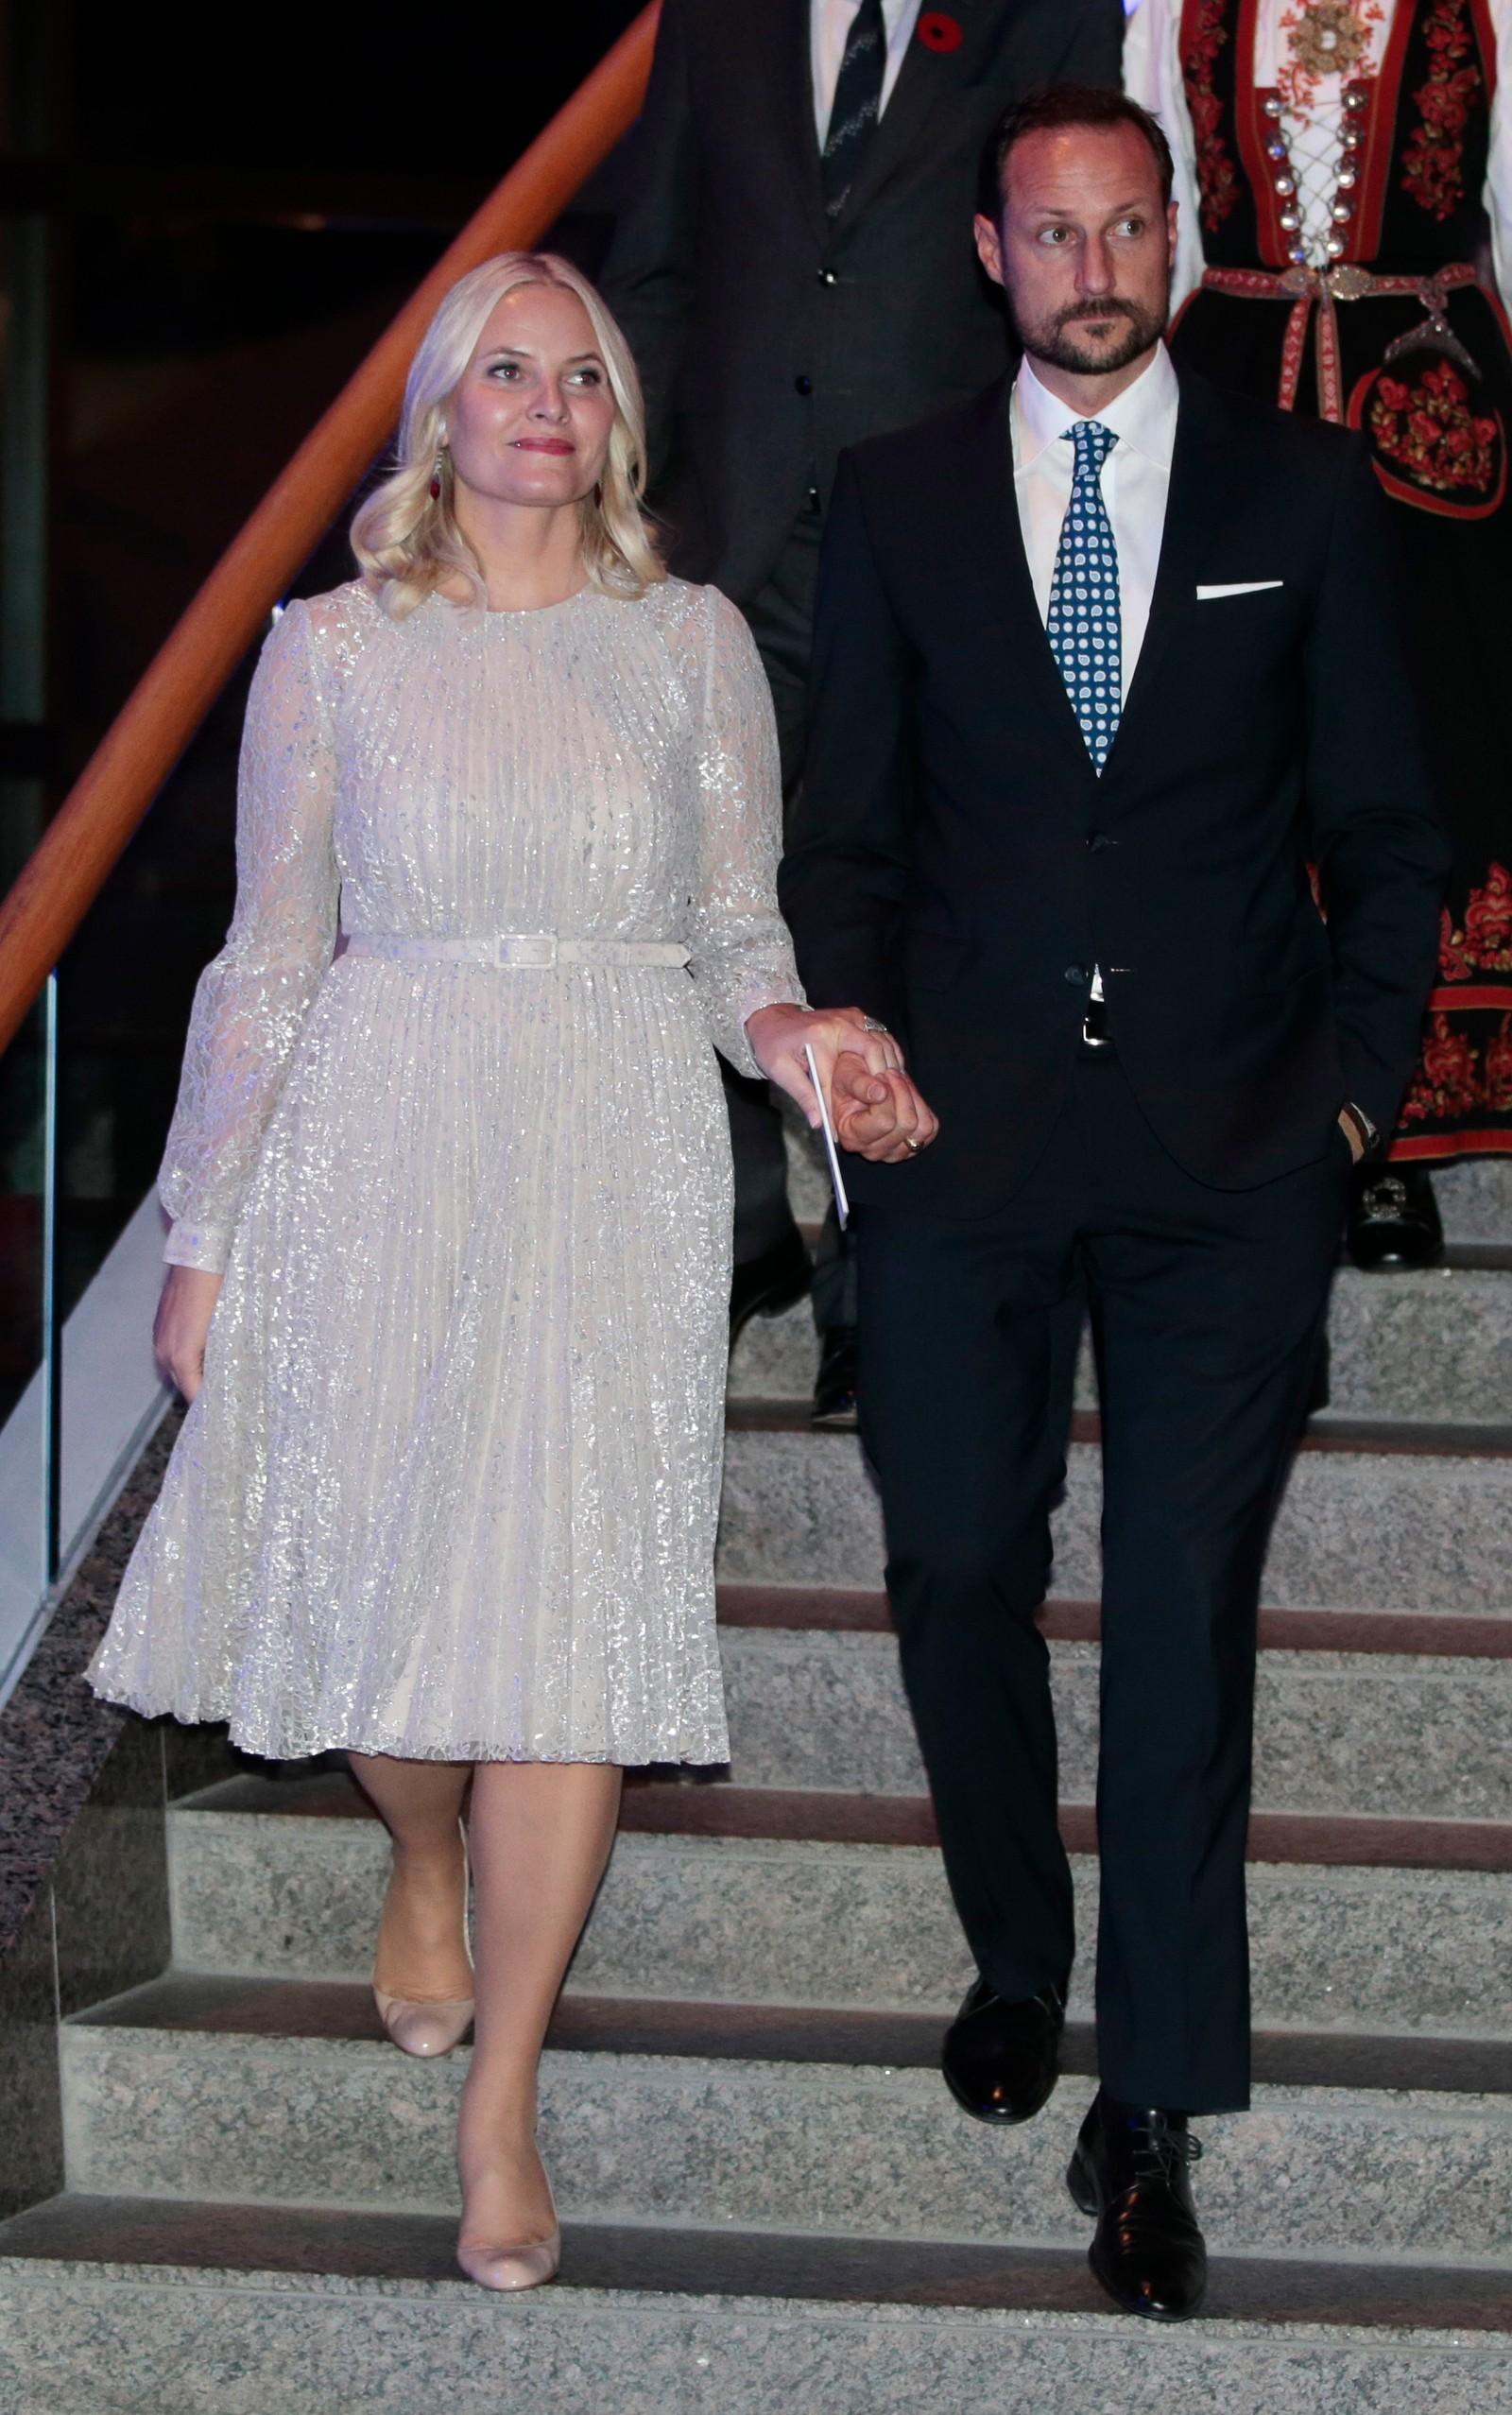 Kronprinsparet på veg til tilstelninga i det historiske museet i Ottawa måndag kveld. Kronprinsessa kom med ei tale som inneheldt klare råd til næringslivsrepresentantane til stades.